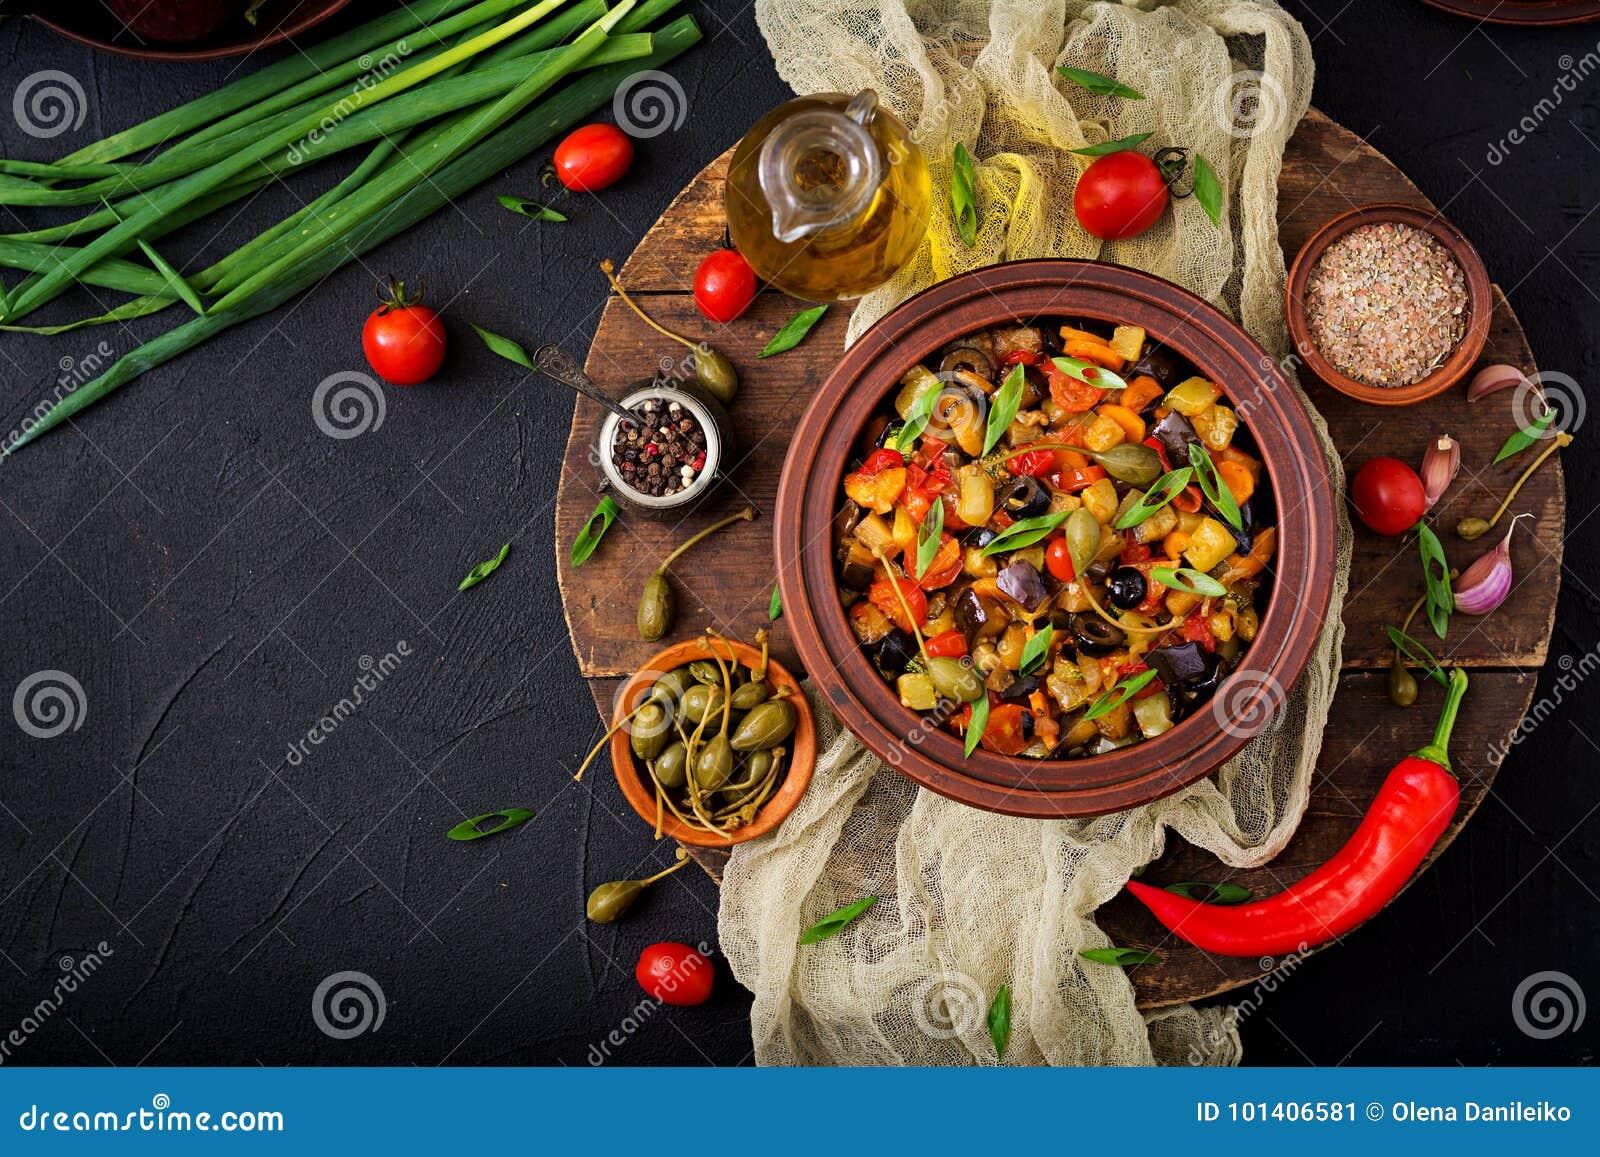 De hete kruidige aubergine van hutspotcaponata, courgette, paprika, tomaat, wortel, ui, olijven en kappertjes